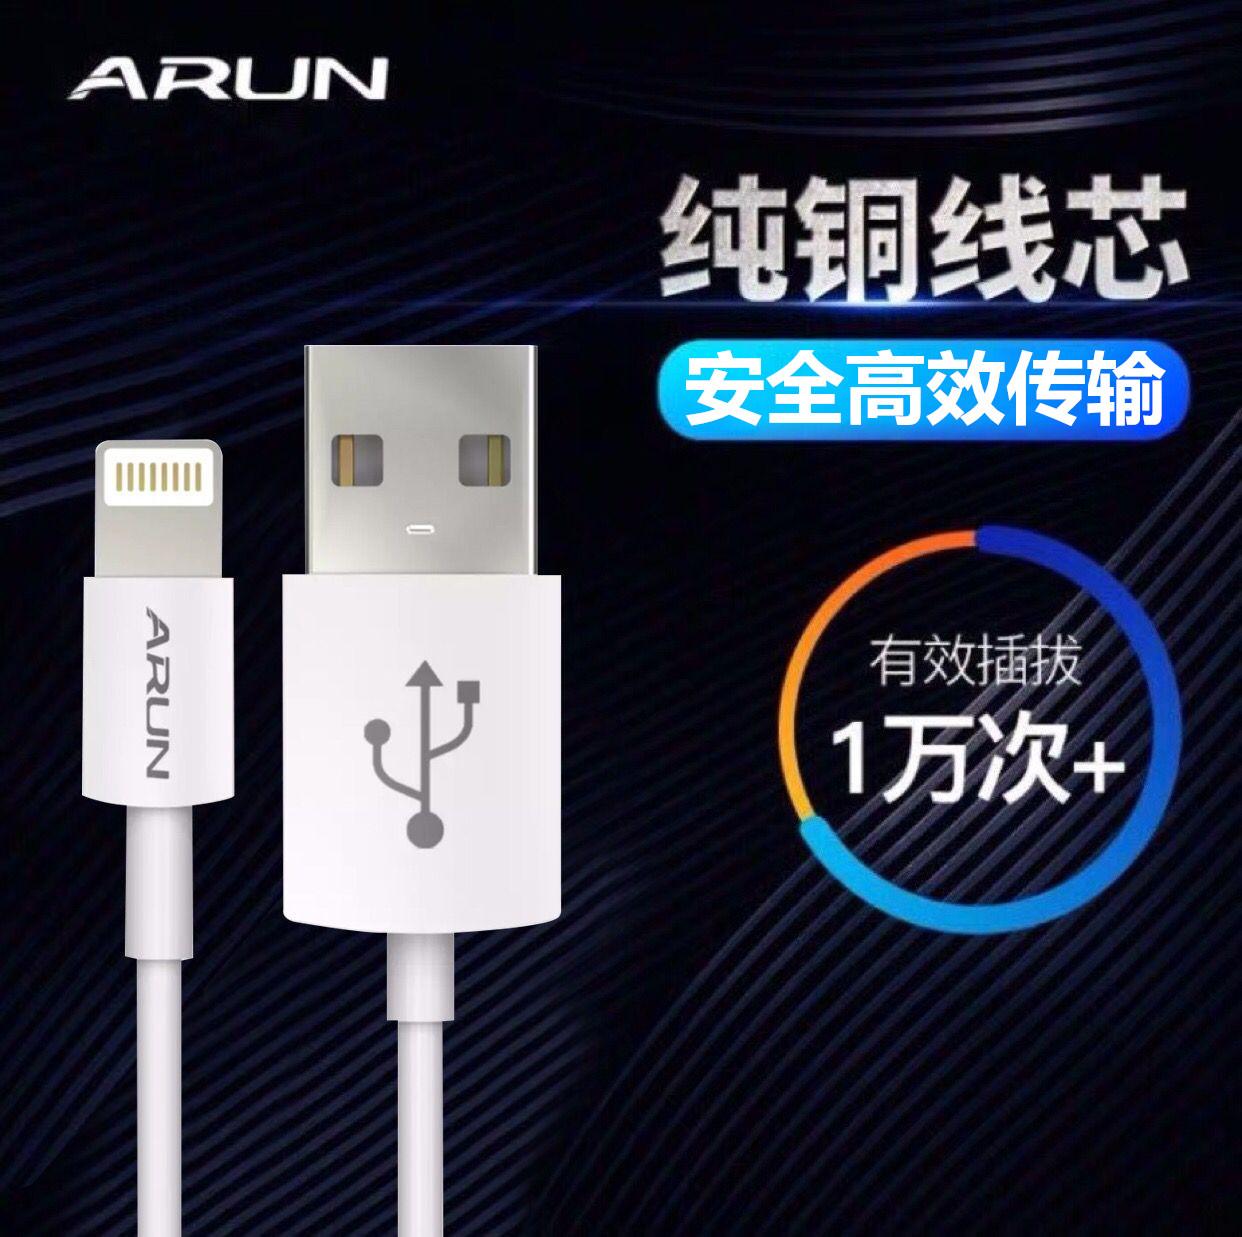 苹果妙控鼠标2代无线beats x pro pill+蓝牙耳机音箱充电器数据线(非品牌)